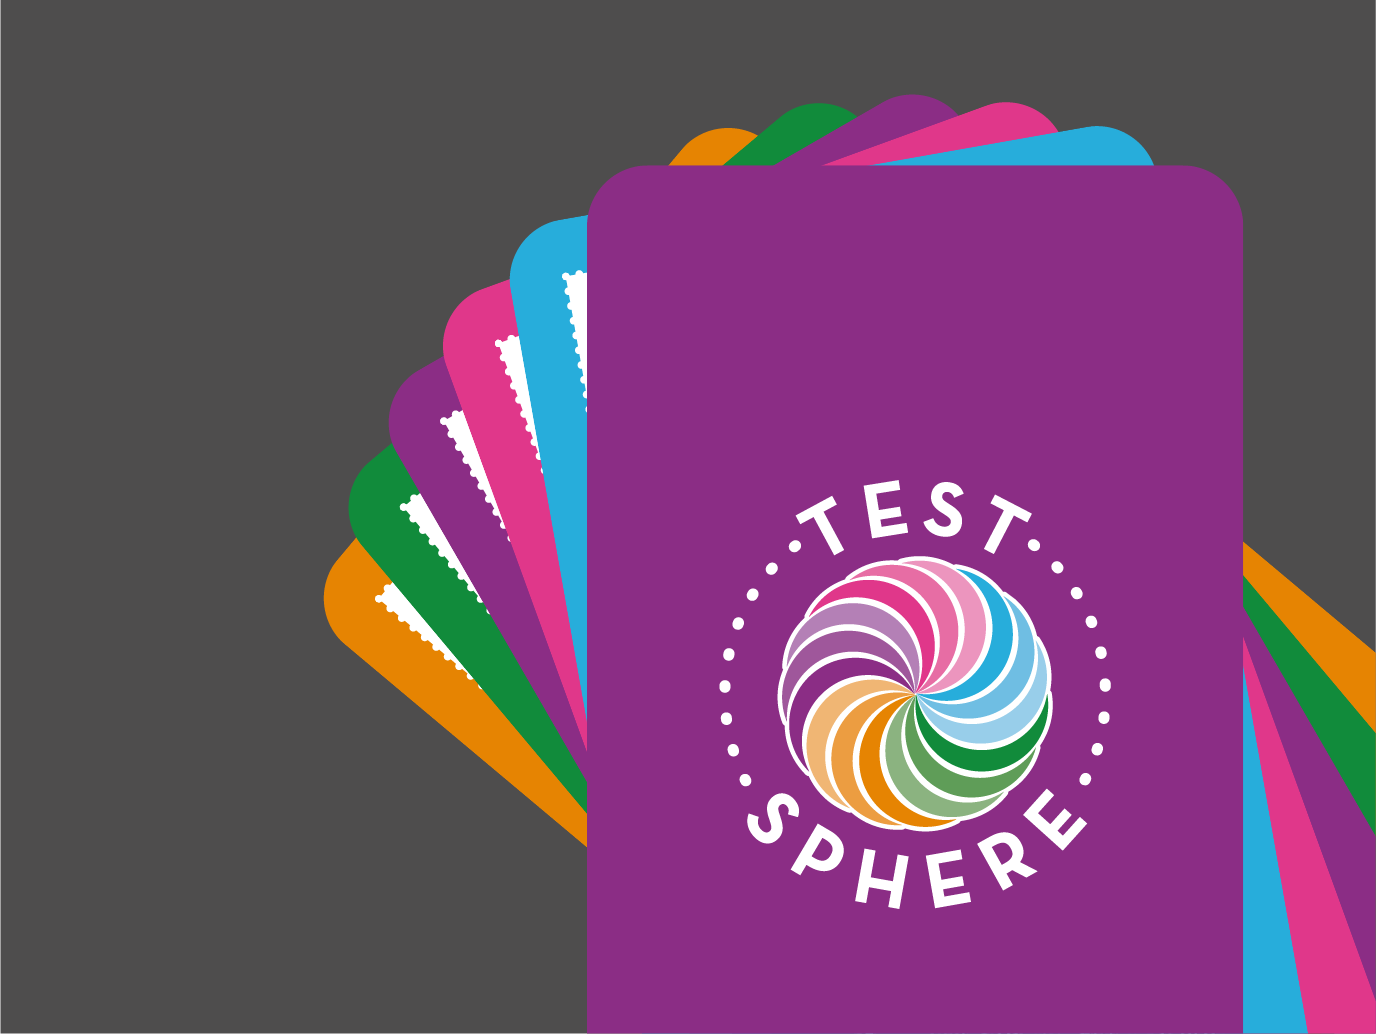 TestSphere Cards